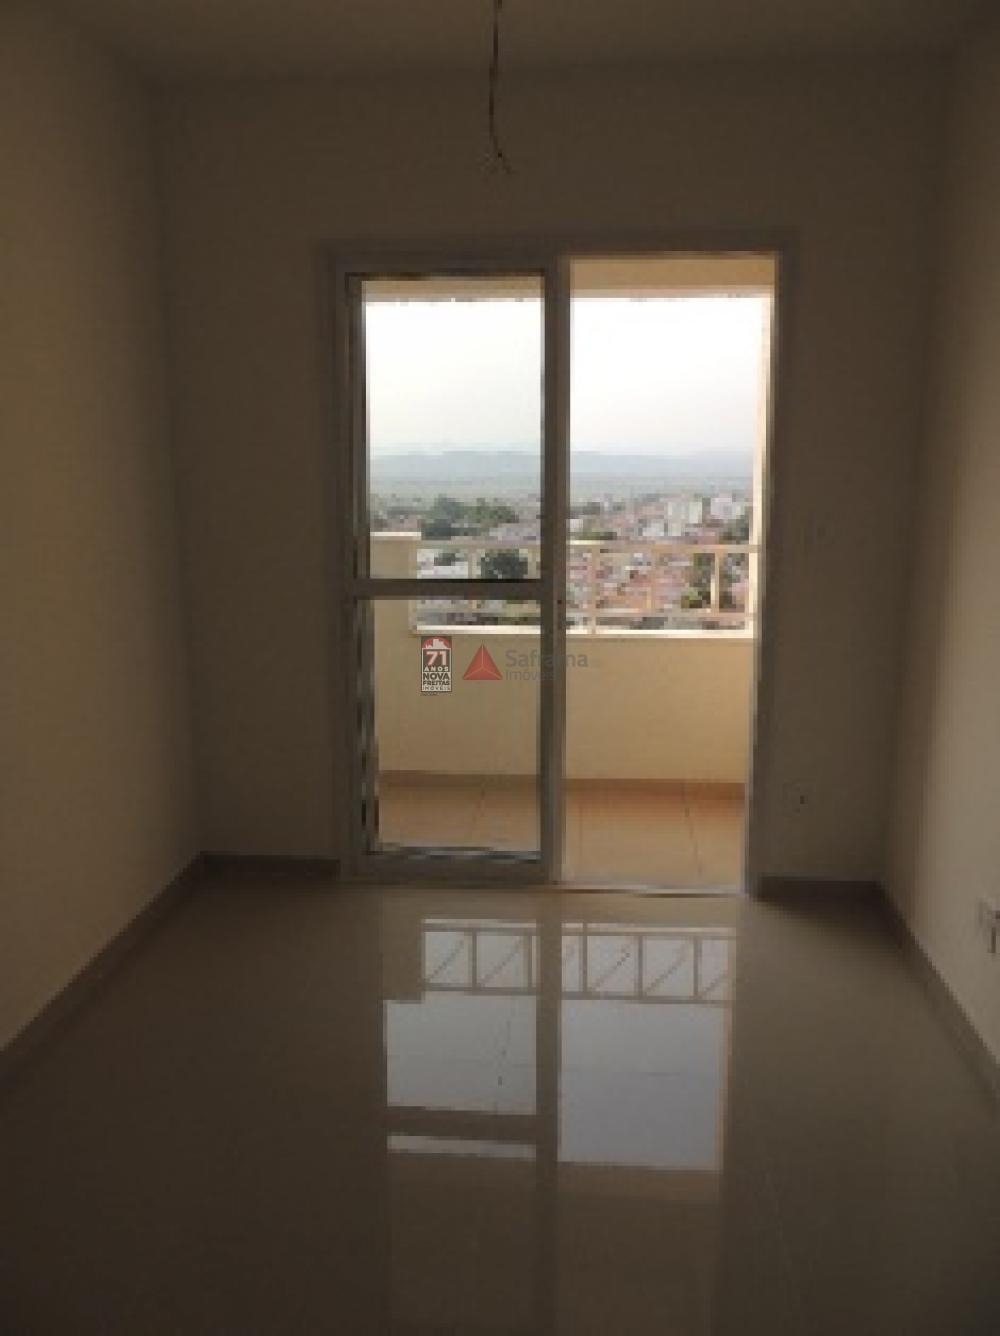 Comprar Apartamento / Padrão em São José dos Campos apenas R$ 290.000,00 - Foto 1